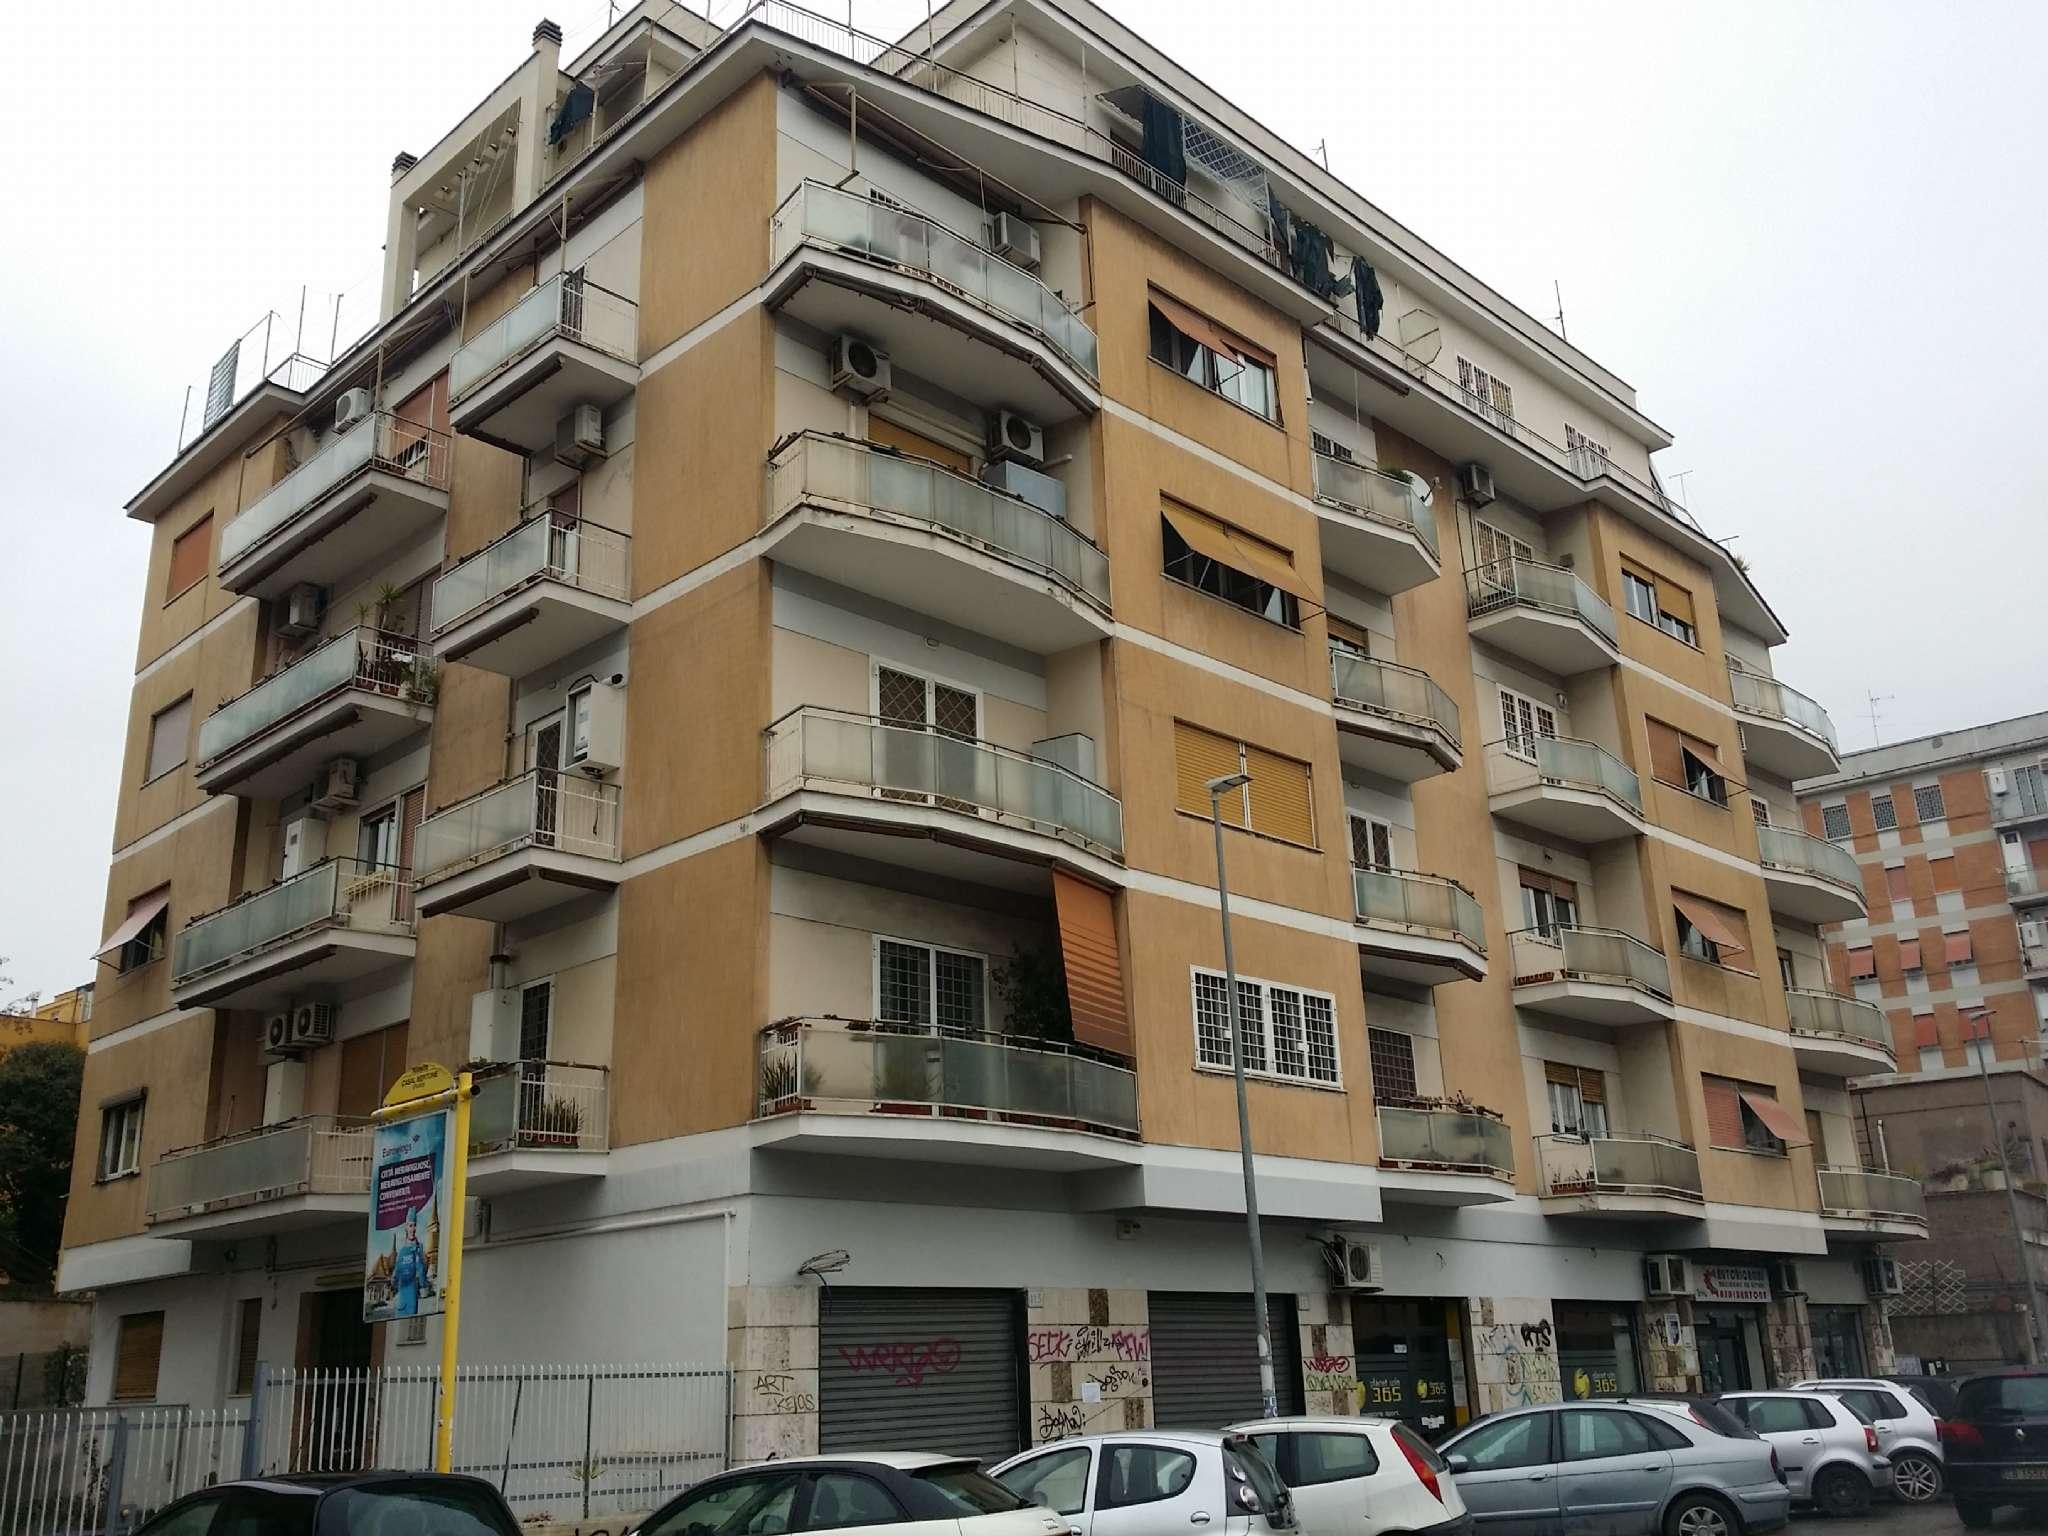 Appartamento in vendita 2 vani 50 mq.  via di casalbertone Roma